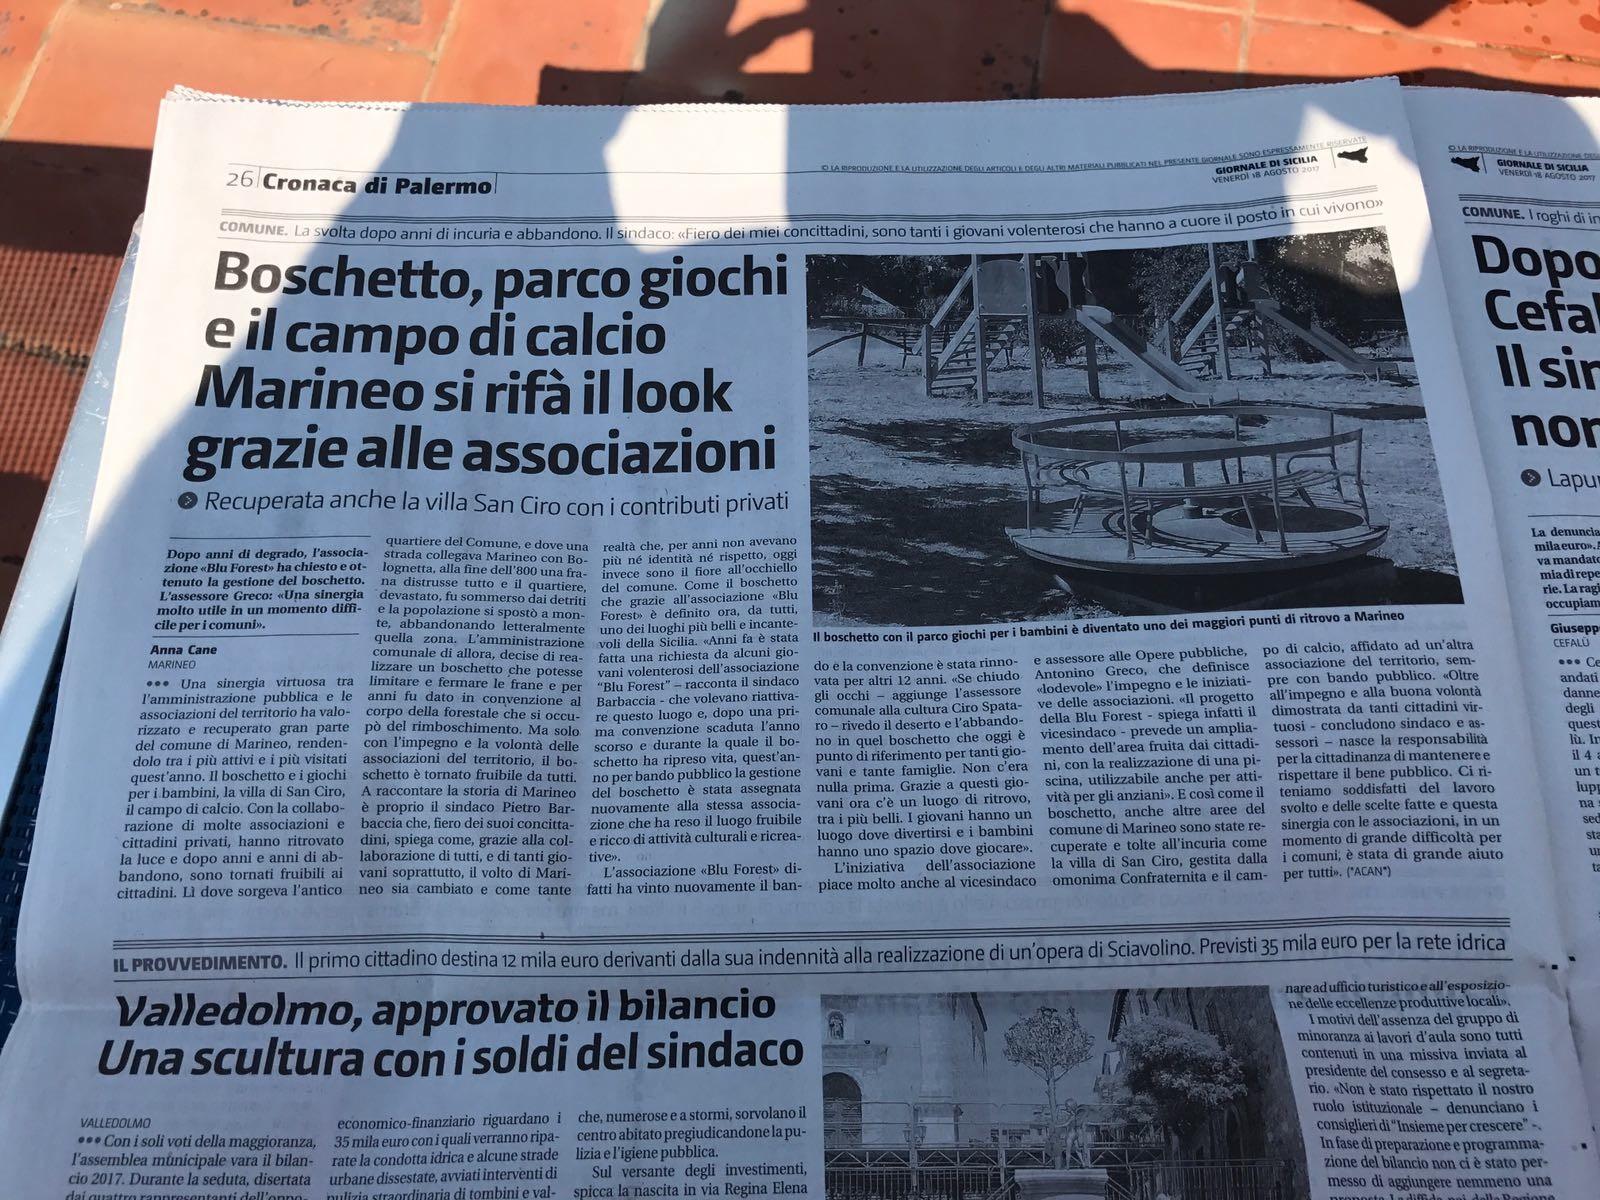 L altra volta mi prese un colpo. Una pagina intera del Resto del Carlino  dedicata a un marinese   sequestrati un miliardo e ottocento milioni di  euro 1bdc9a4c4469